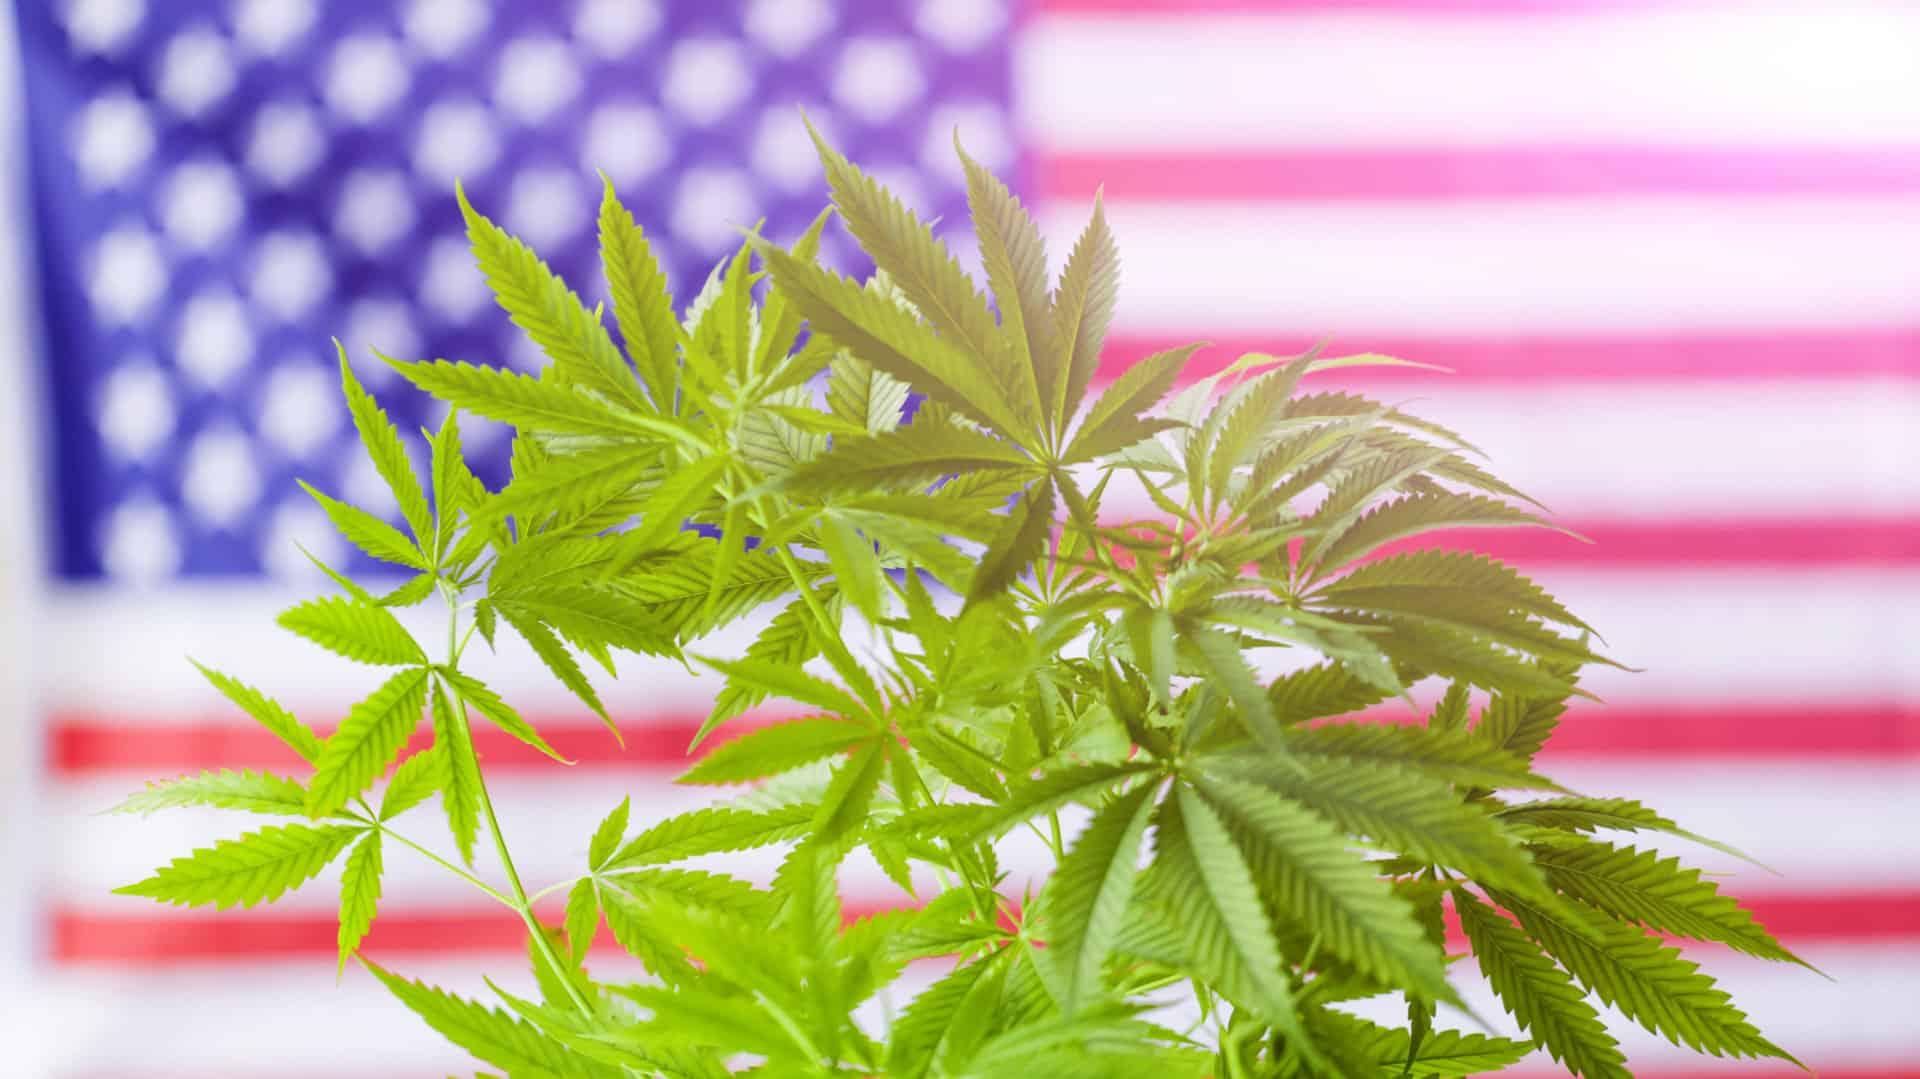 レクリエーション(嗜好/娯楽用)大麻【合法な州とその法律】